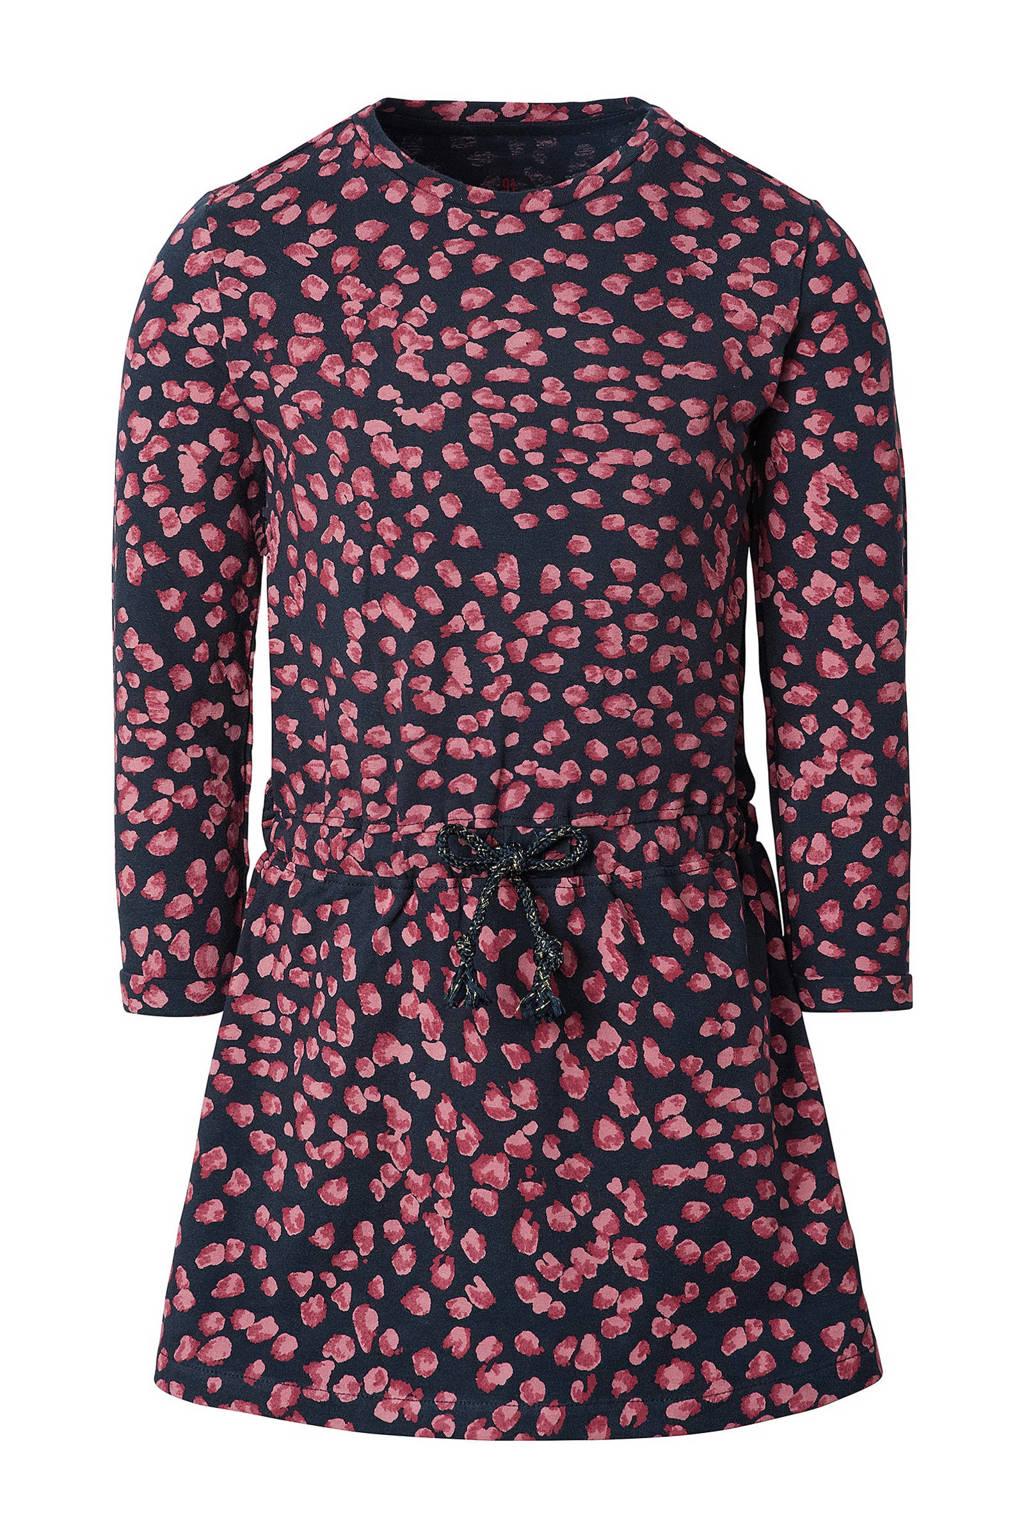 Noppies jurk Reitz met biologisch katoen donkerblauw/roze, Donkerblauw/roze